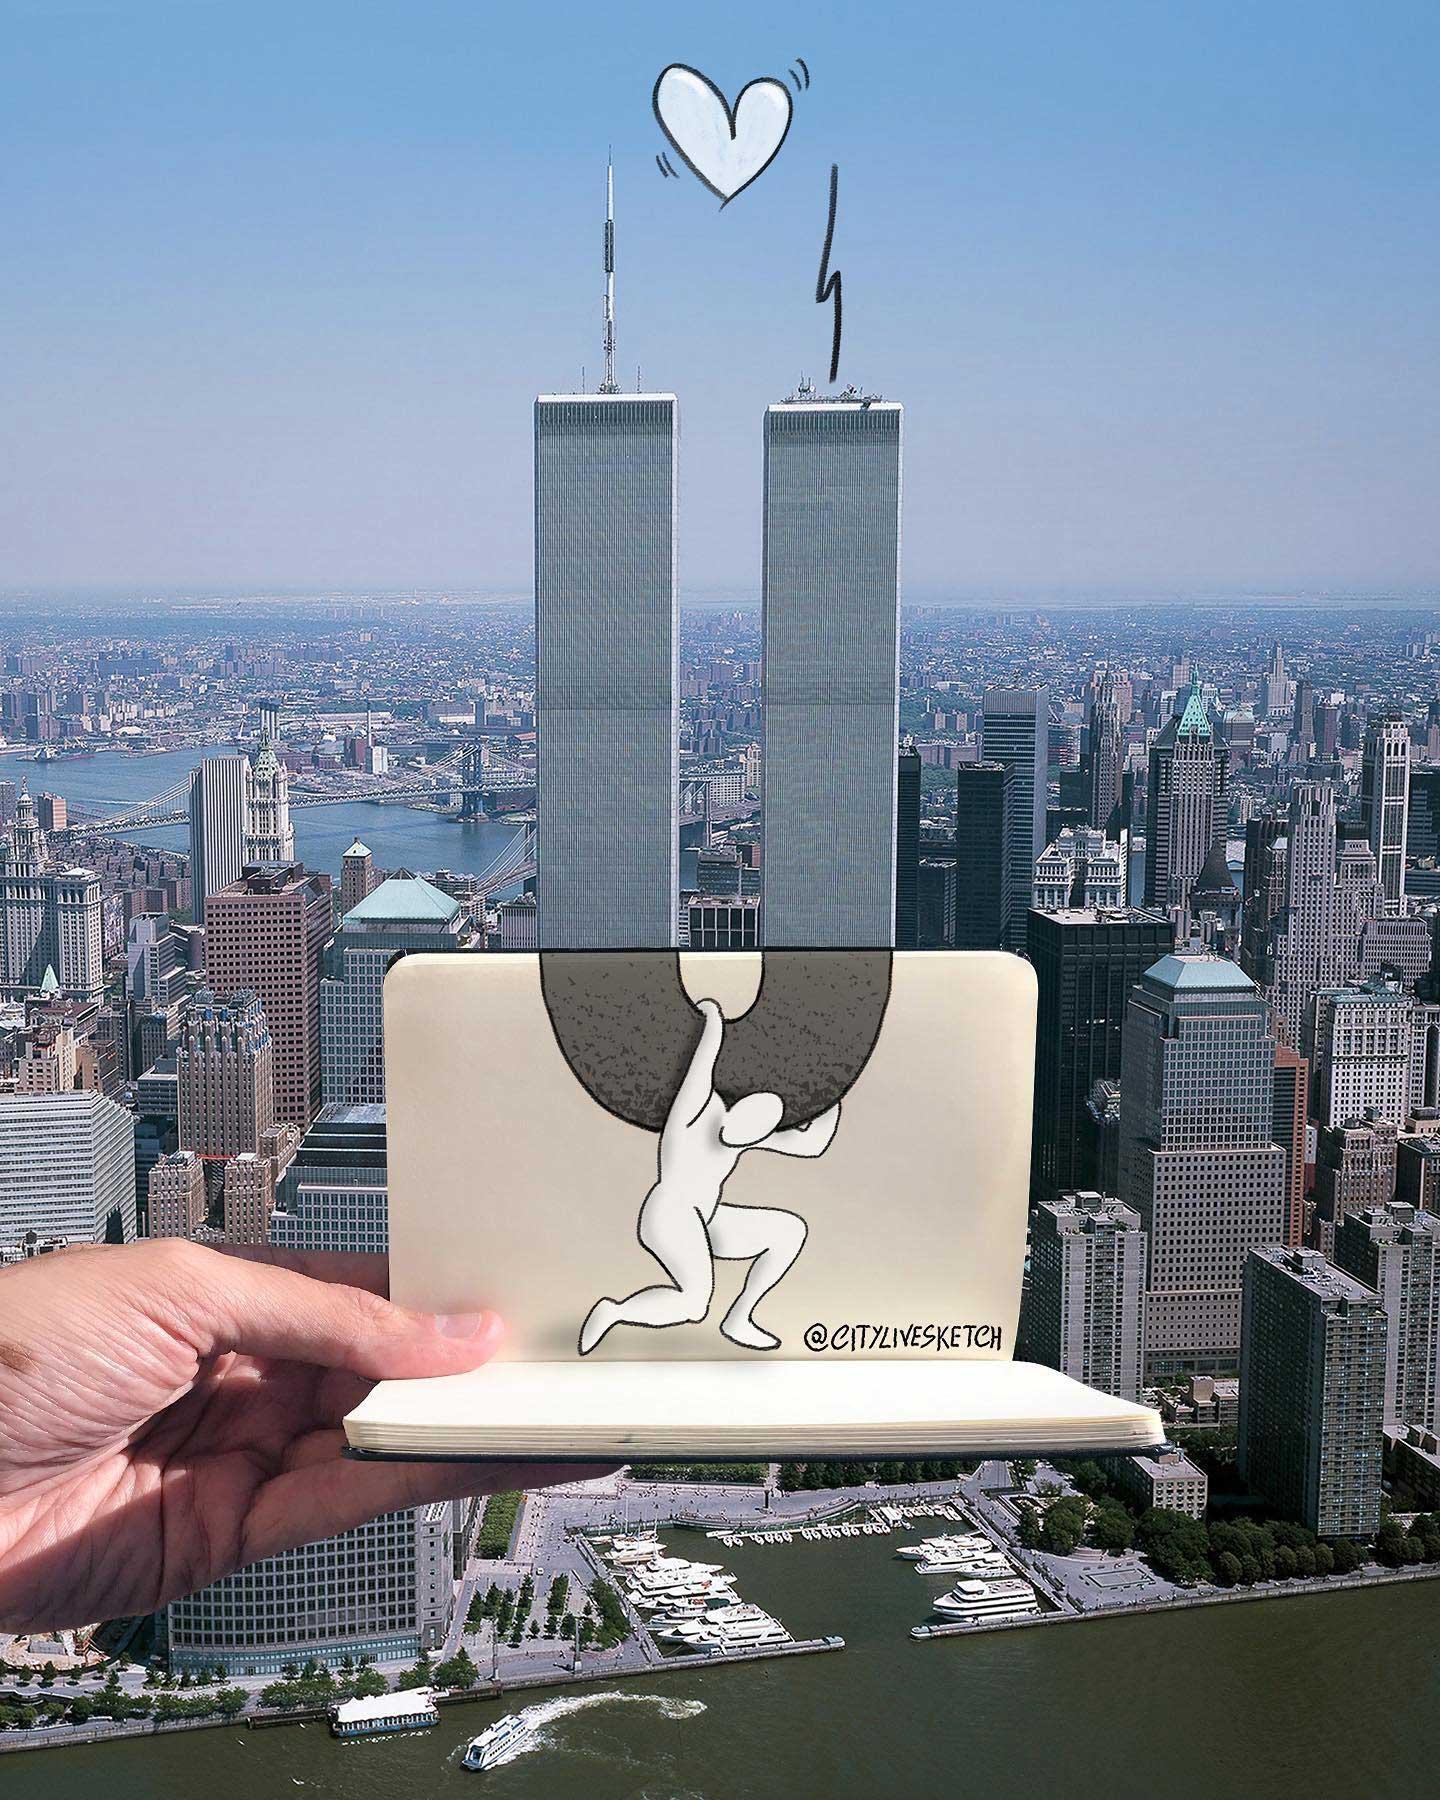 Pietro Cataudella lässt Zeichnungen mit der Realität verschmelzen CityLiveSketch-Pietro-Cataudella_09